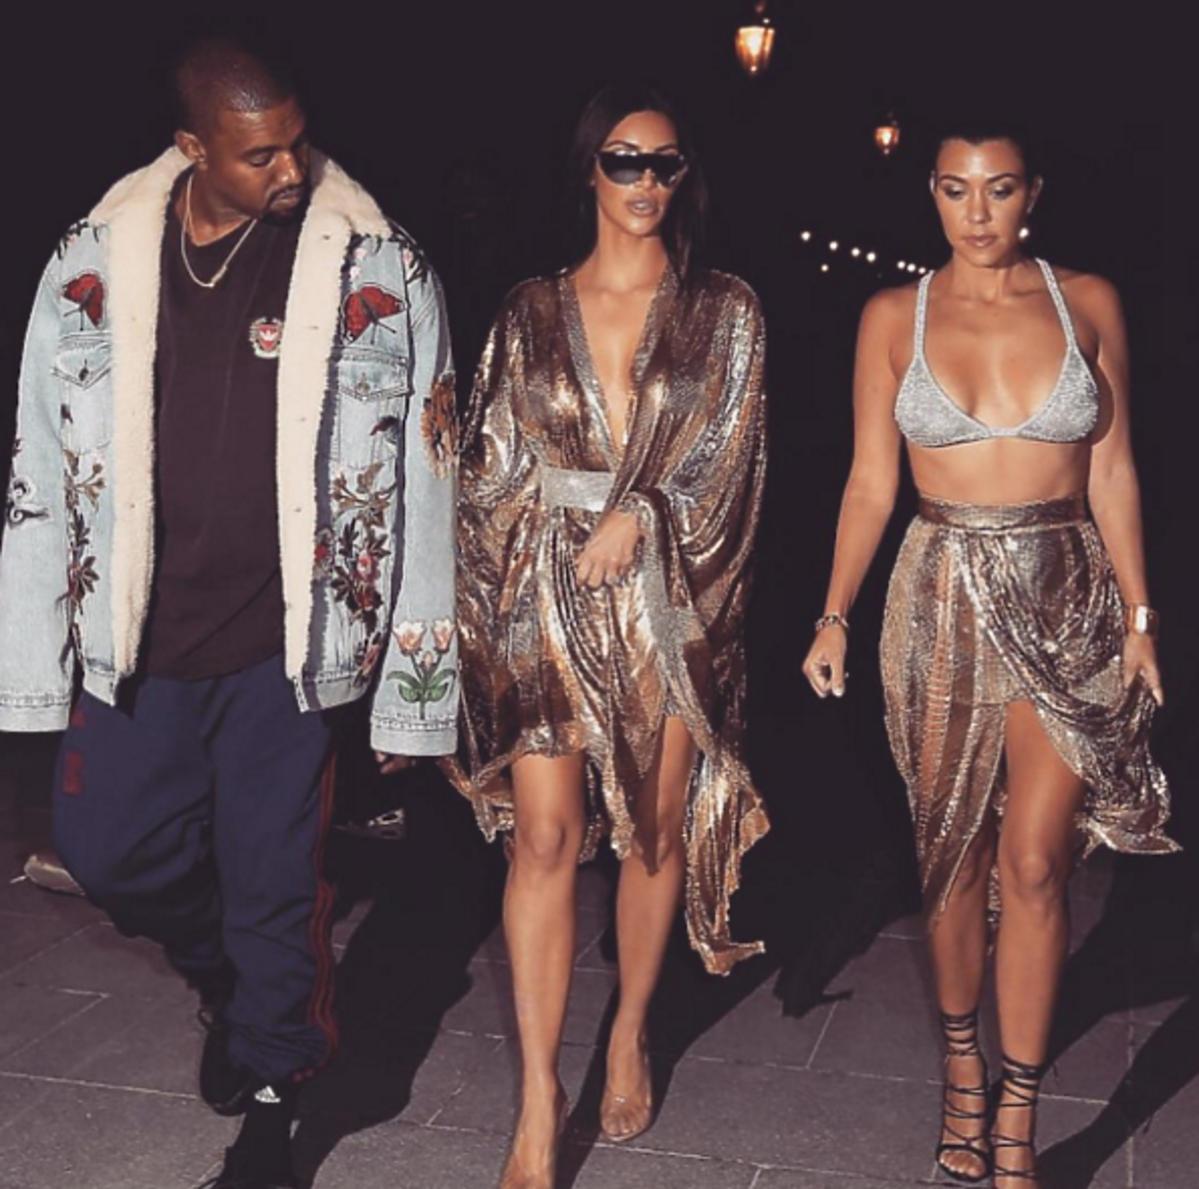 Kim Kardashian, Kourtney Kardashian w złoto-srebrnych stylizacjach, Kanye West w kurtce